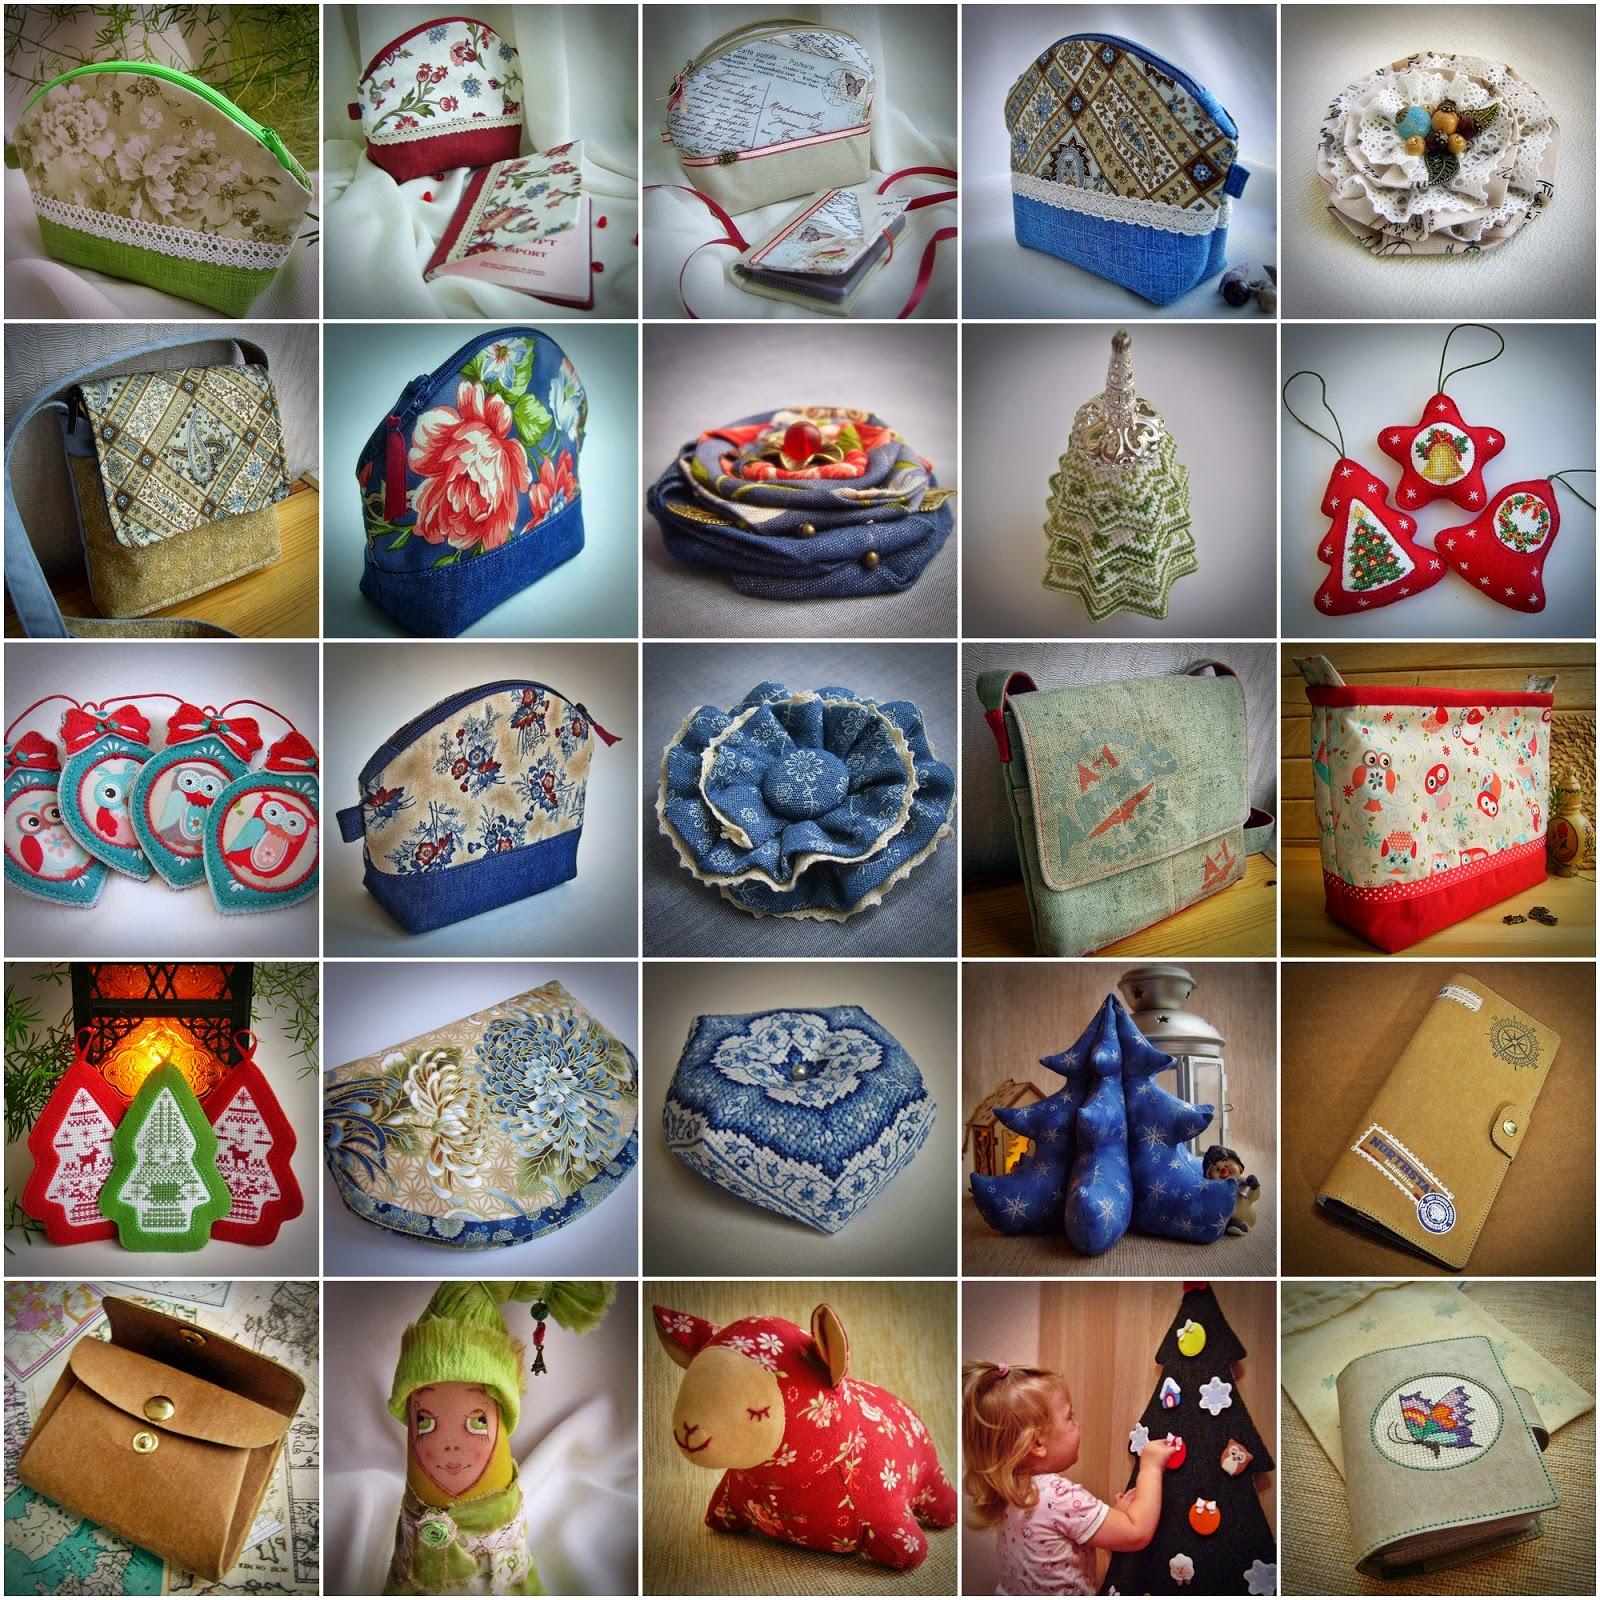 Коллаж handmade. Косметички, сумки, броши, елочные игрушки, интерьерные украшения